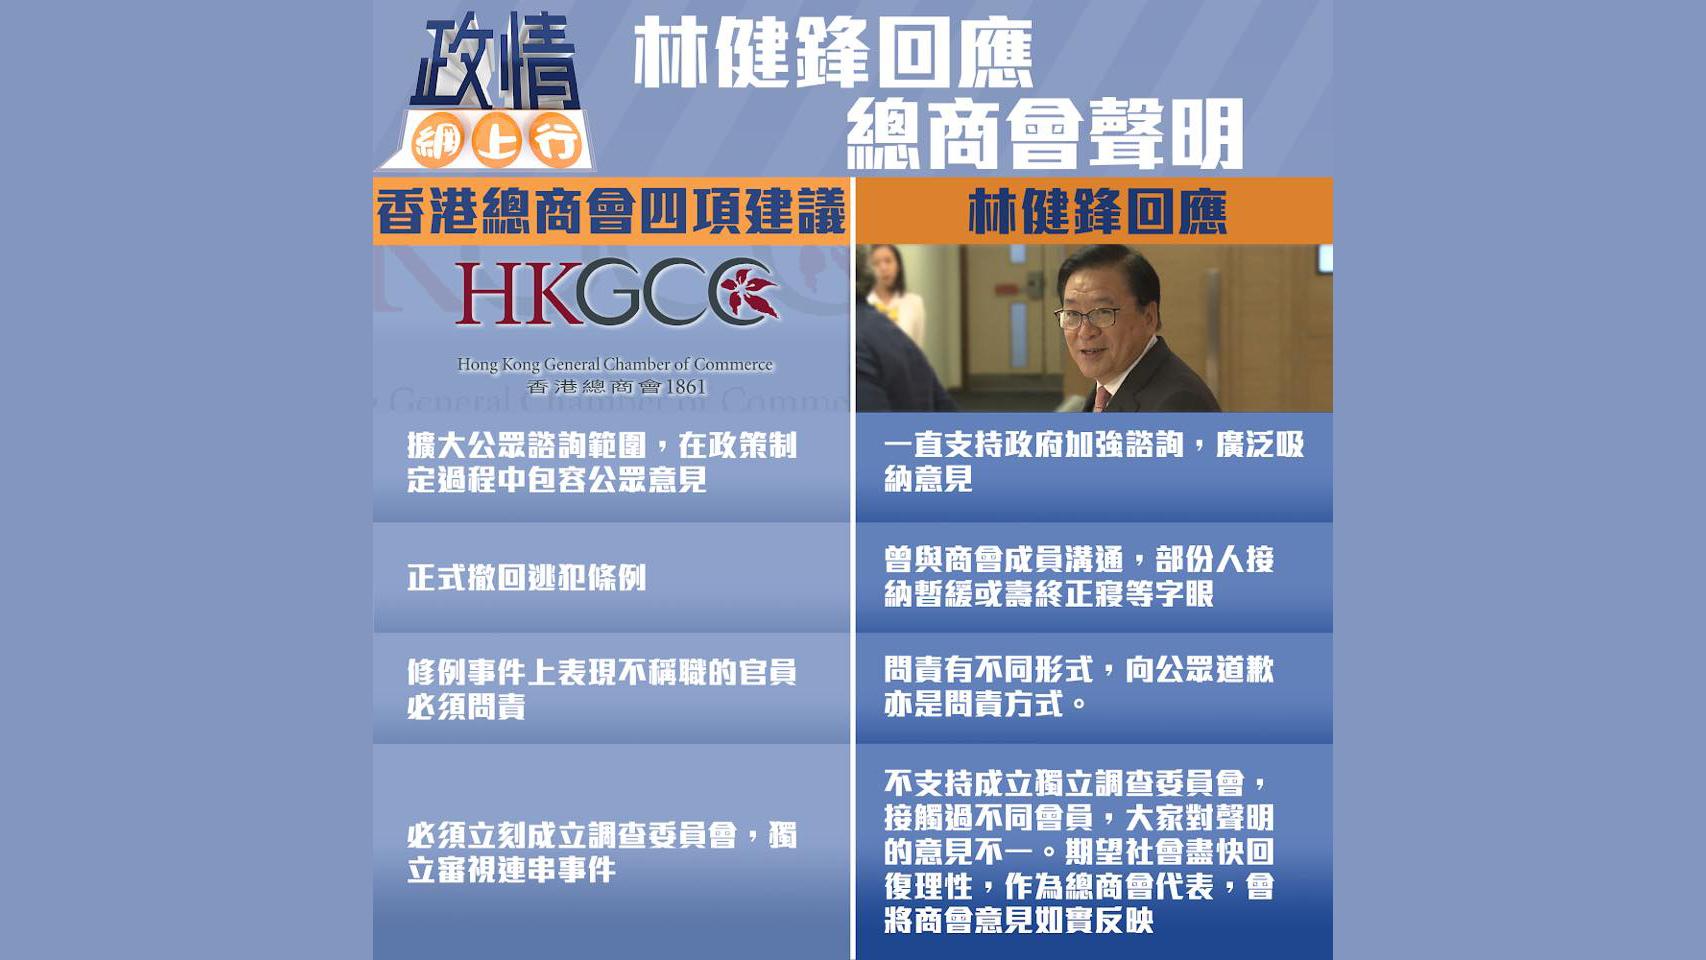 【政情網上行】林健鋒回應總商會聲明